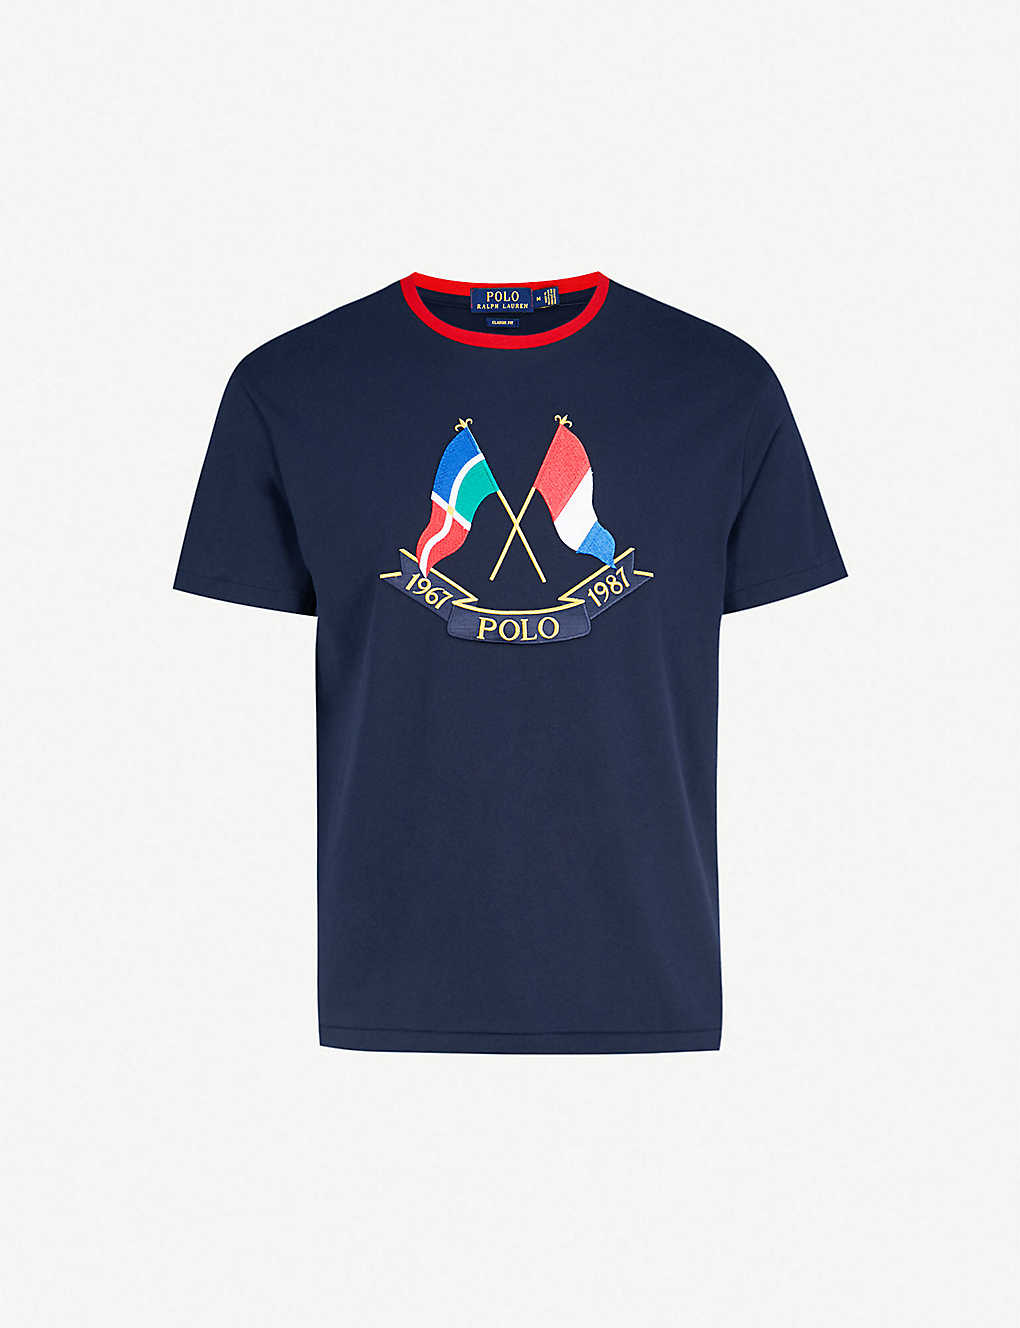 Polo Ralph Lauren Cross Flags Cotton Jersey T Shirt Selfridges